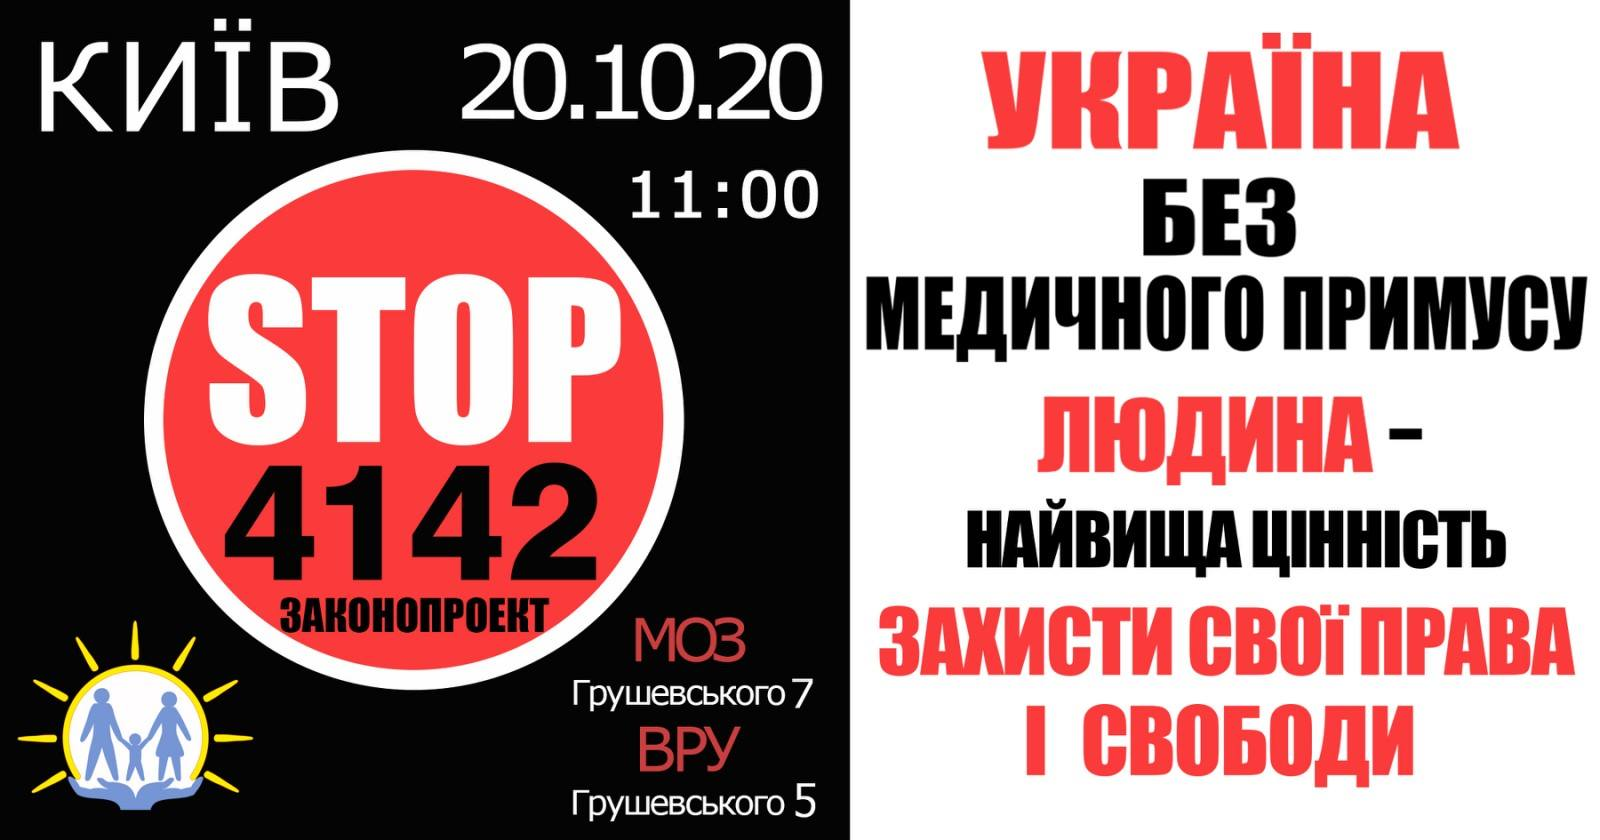 Мітинг за свободу вибору, за здорове суспільство й Україну без медичного примусу. Без законопроєкту 4142